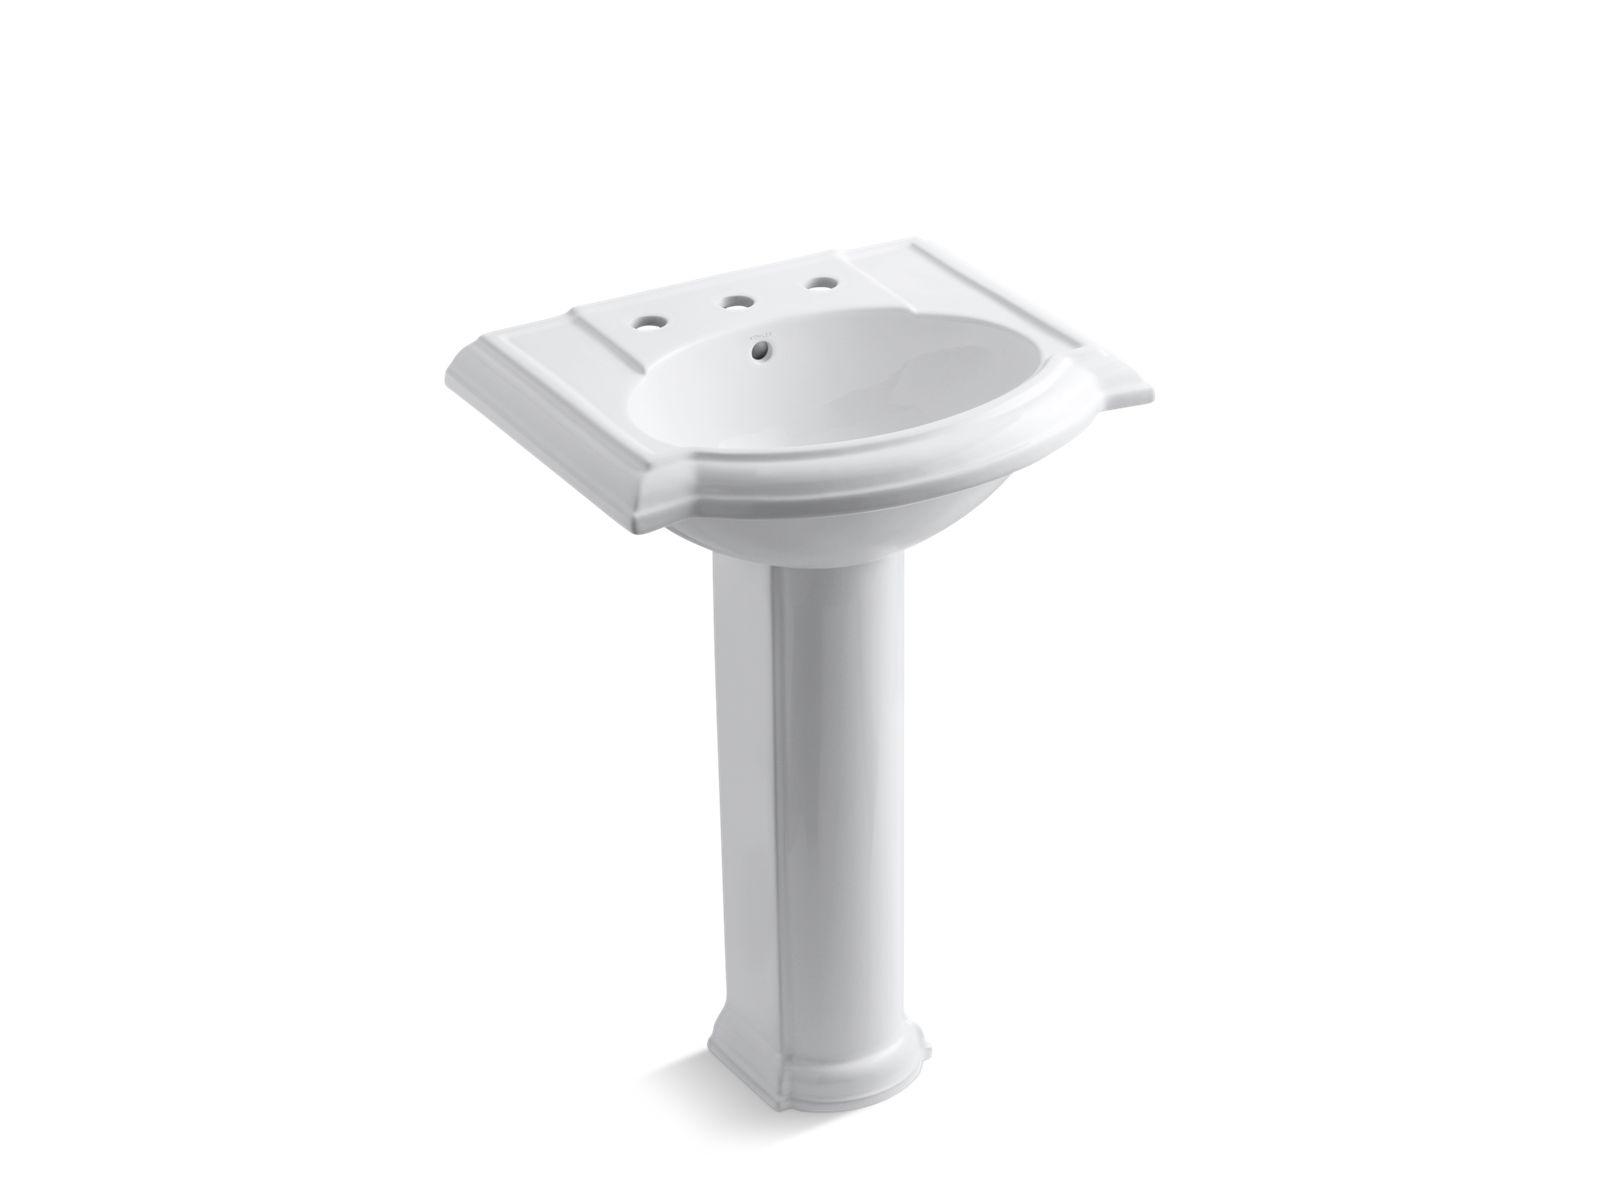 k 2286 8 devonshire pedestal sink with 8 inch centers kohler